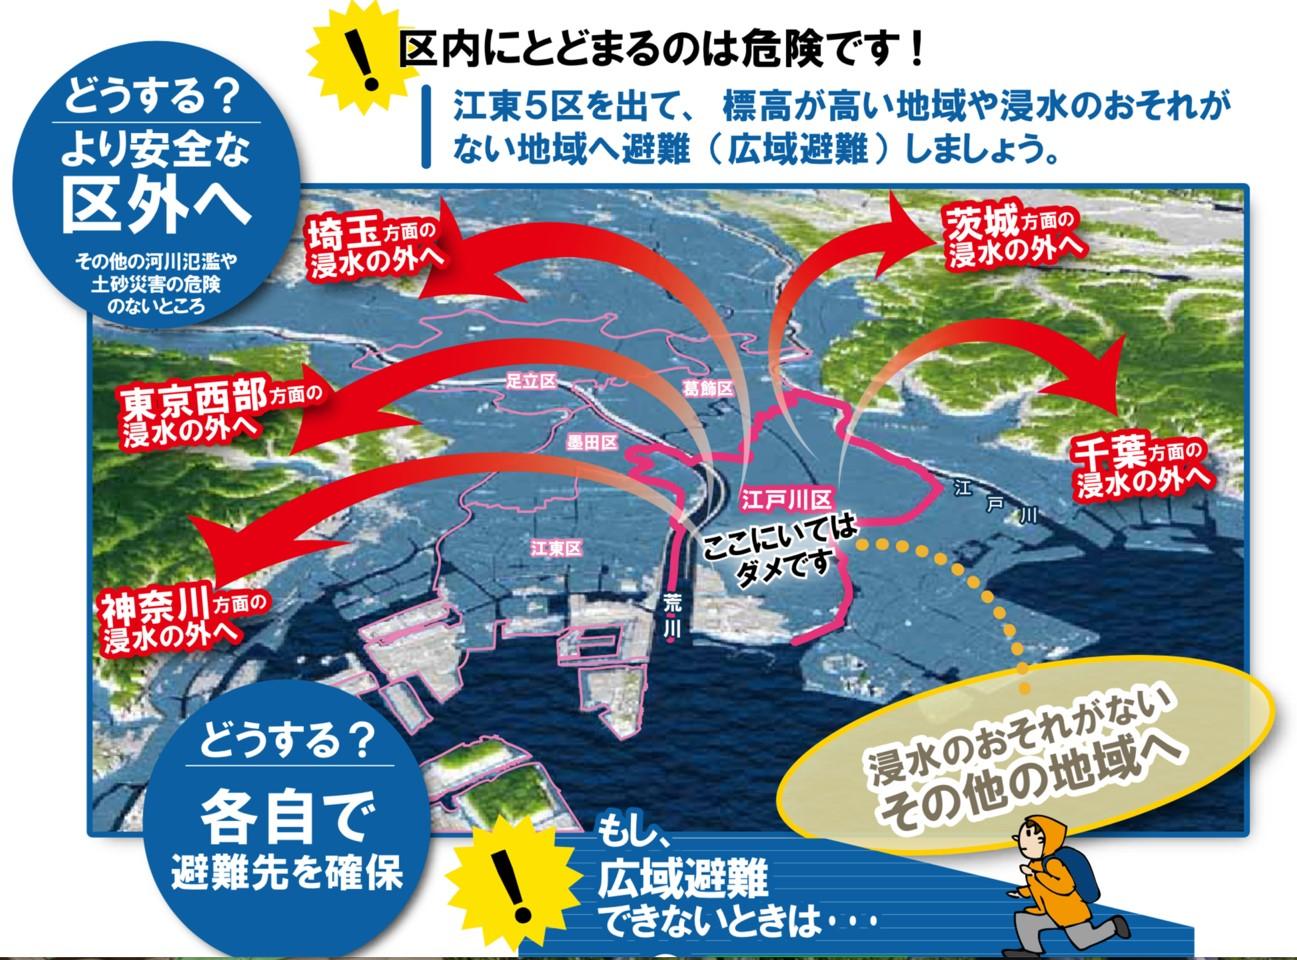 江戸川 区 避難 勧告